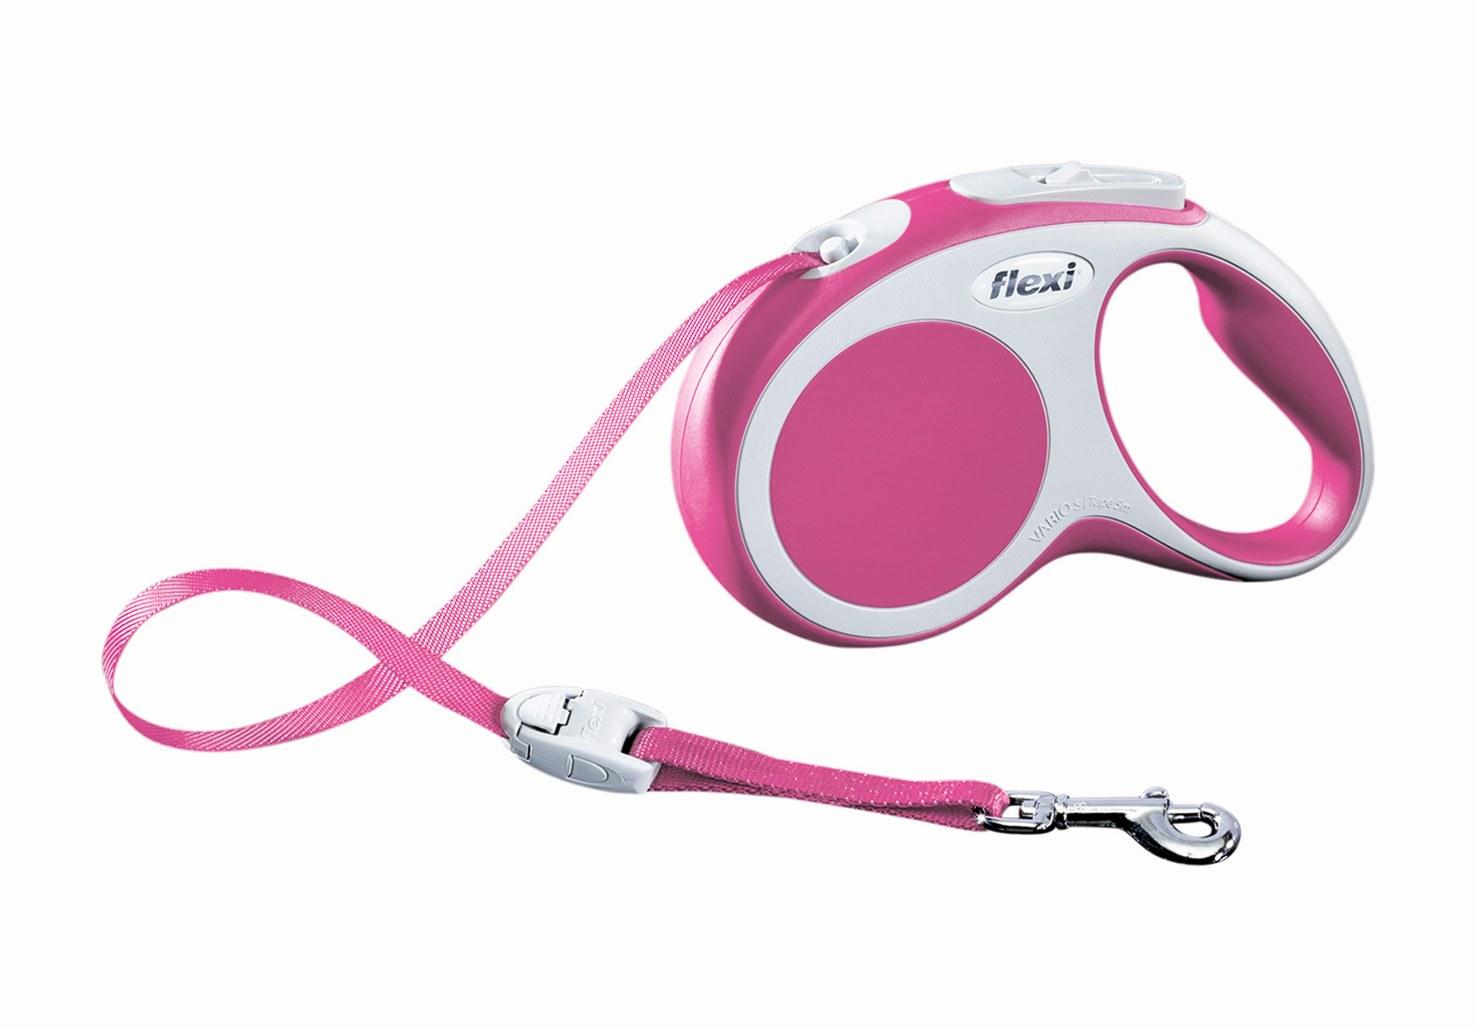 Поводок-рулетка Flexi Vario Compact S для собак до 15 кг, цвет: розовый, 5 м0120710Поводок-рулетка Flexi Vario Compact S изготовлен из пластика и нейлона. Ленточный поводок обеспечивает каждой собаке свободу движения, что идет на пользу здоровью и радует вашего четвероногого друга. Рулетка очень проста в использовании, оснащена кнопками кратковременной и постоянной фиксации. Ее можно оснастить - мультибоксом для лакомств или пакетиков для сбора фекалий, LED подсветкой корпуса, своркой или ремнем с LED подсветкой. Поводок имеет прочный корпус, хромированную застежку и светоотражающие элементы.Длина поводка: 5 м. Максимальная нагрузка: 15 кг.Товар сертифицирован.